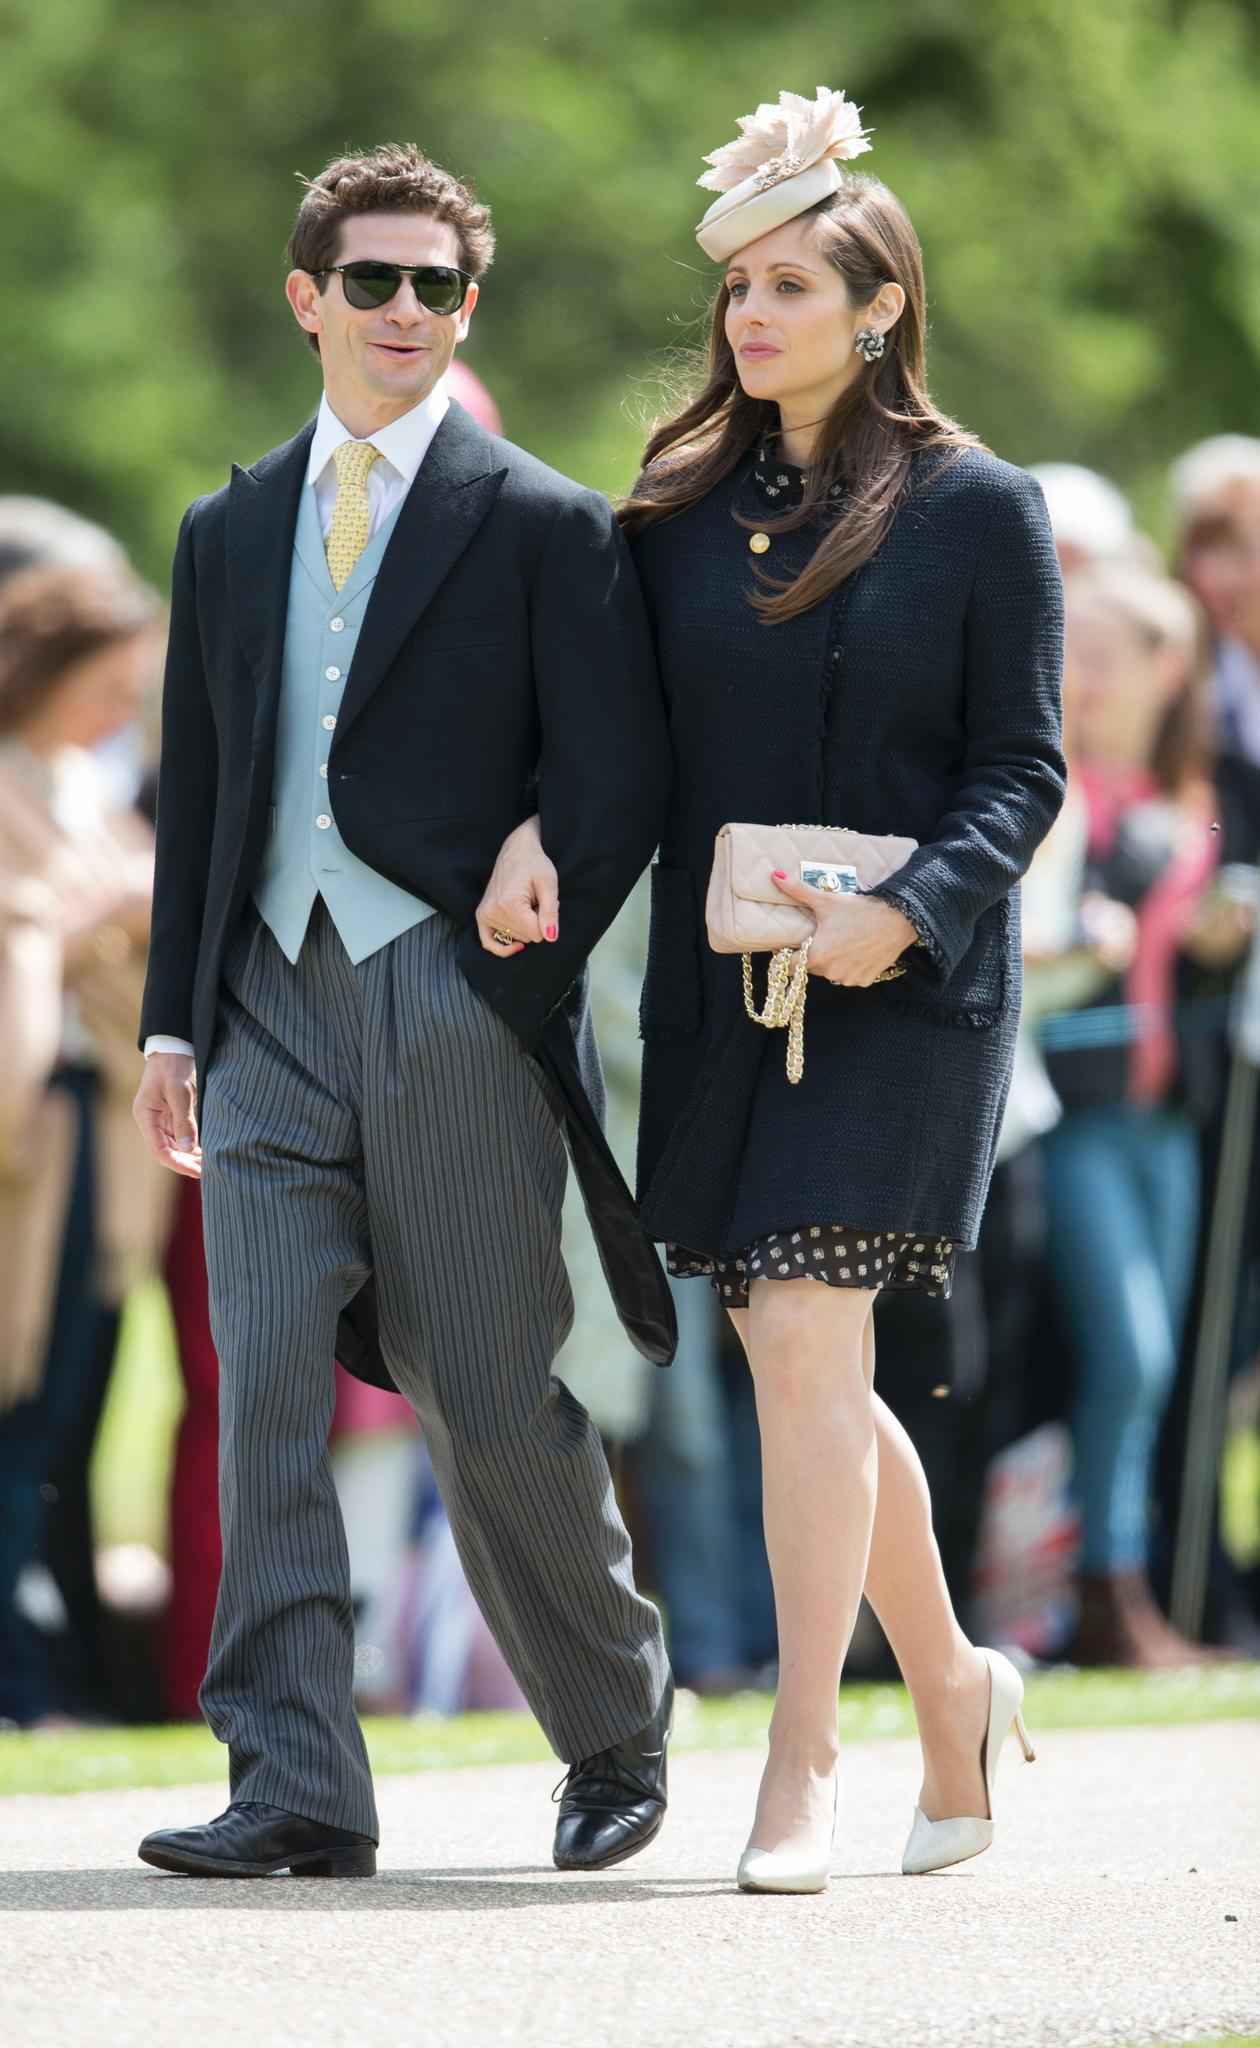 Sam and Isabella Waley-Cohen waren auch zur Hochzeit von Kates Schwester Pippa eingeladen.